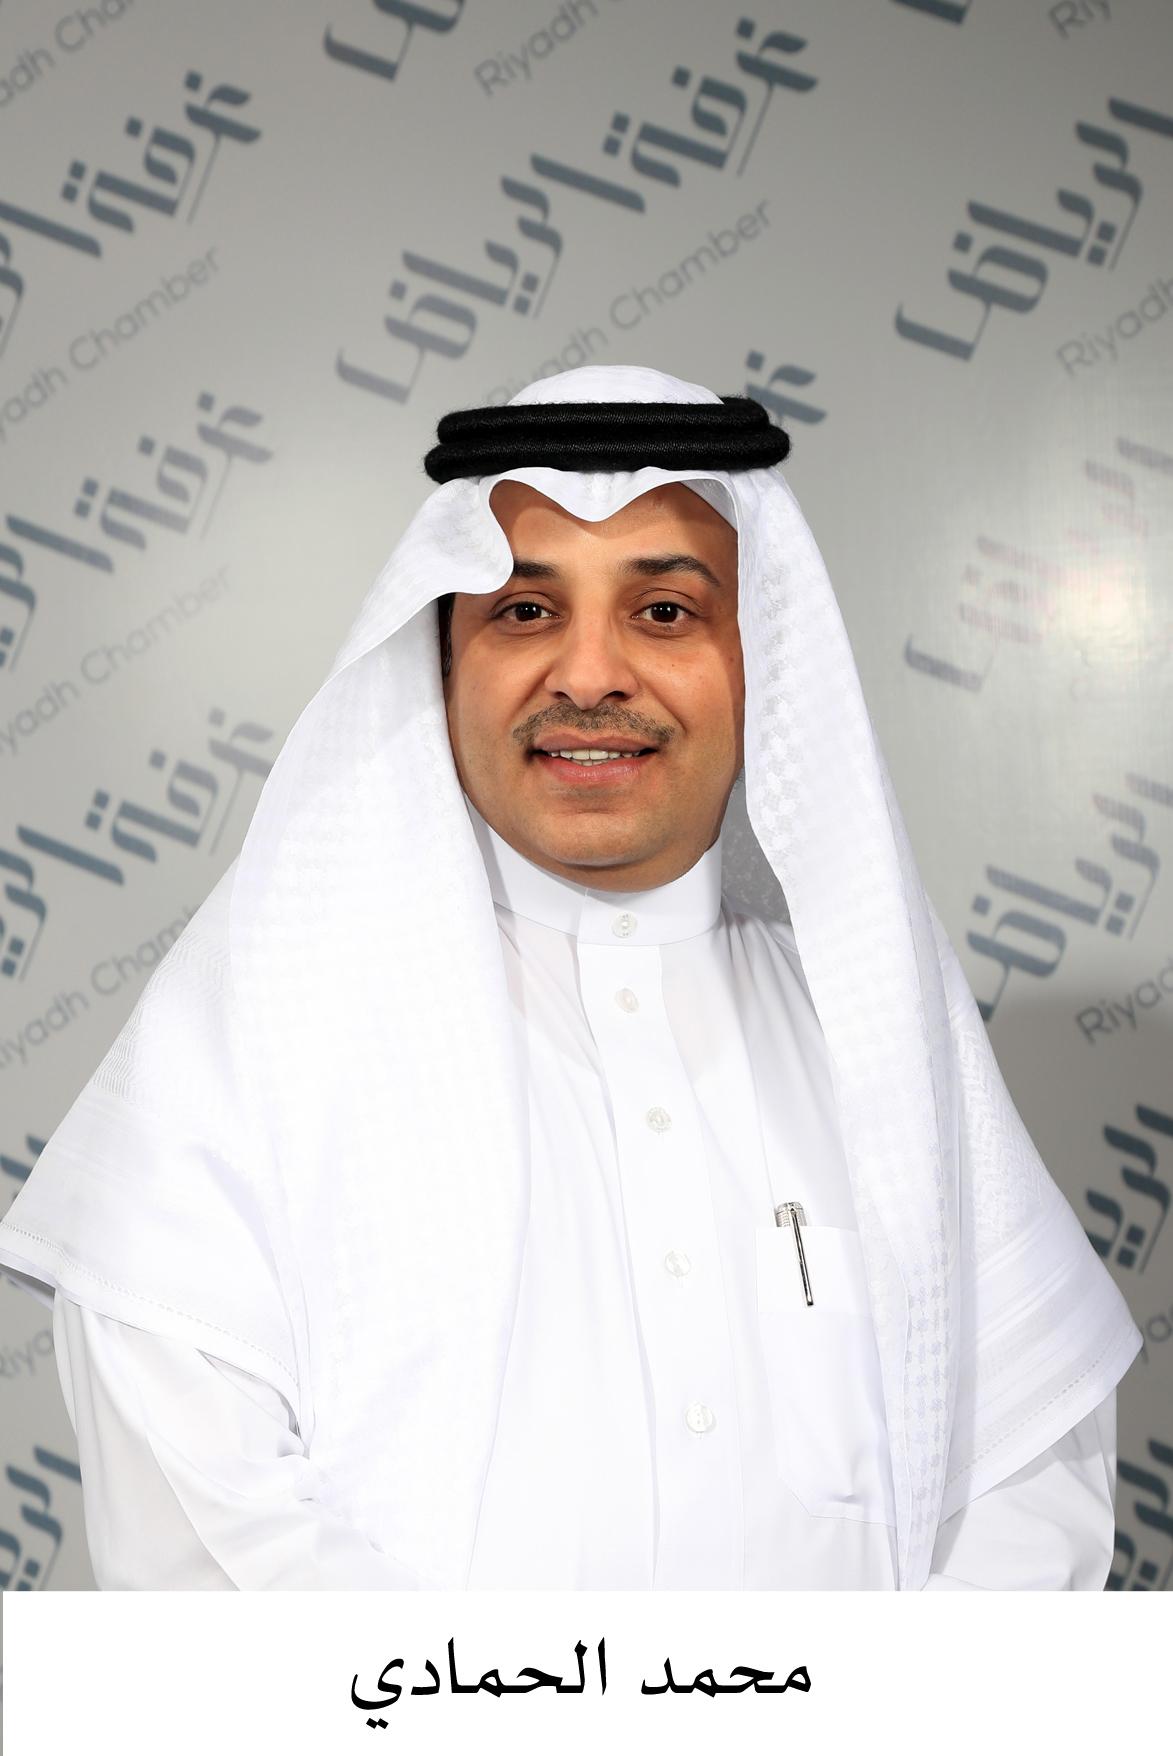 محمد-الحمادي